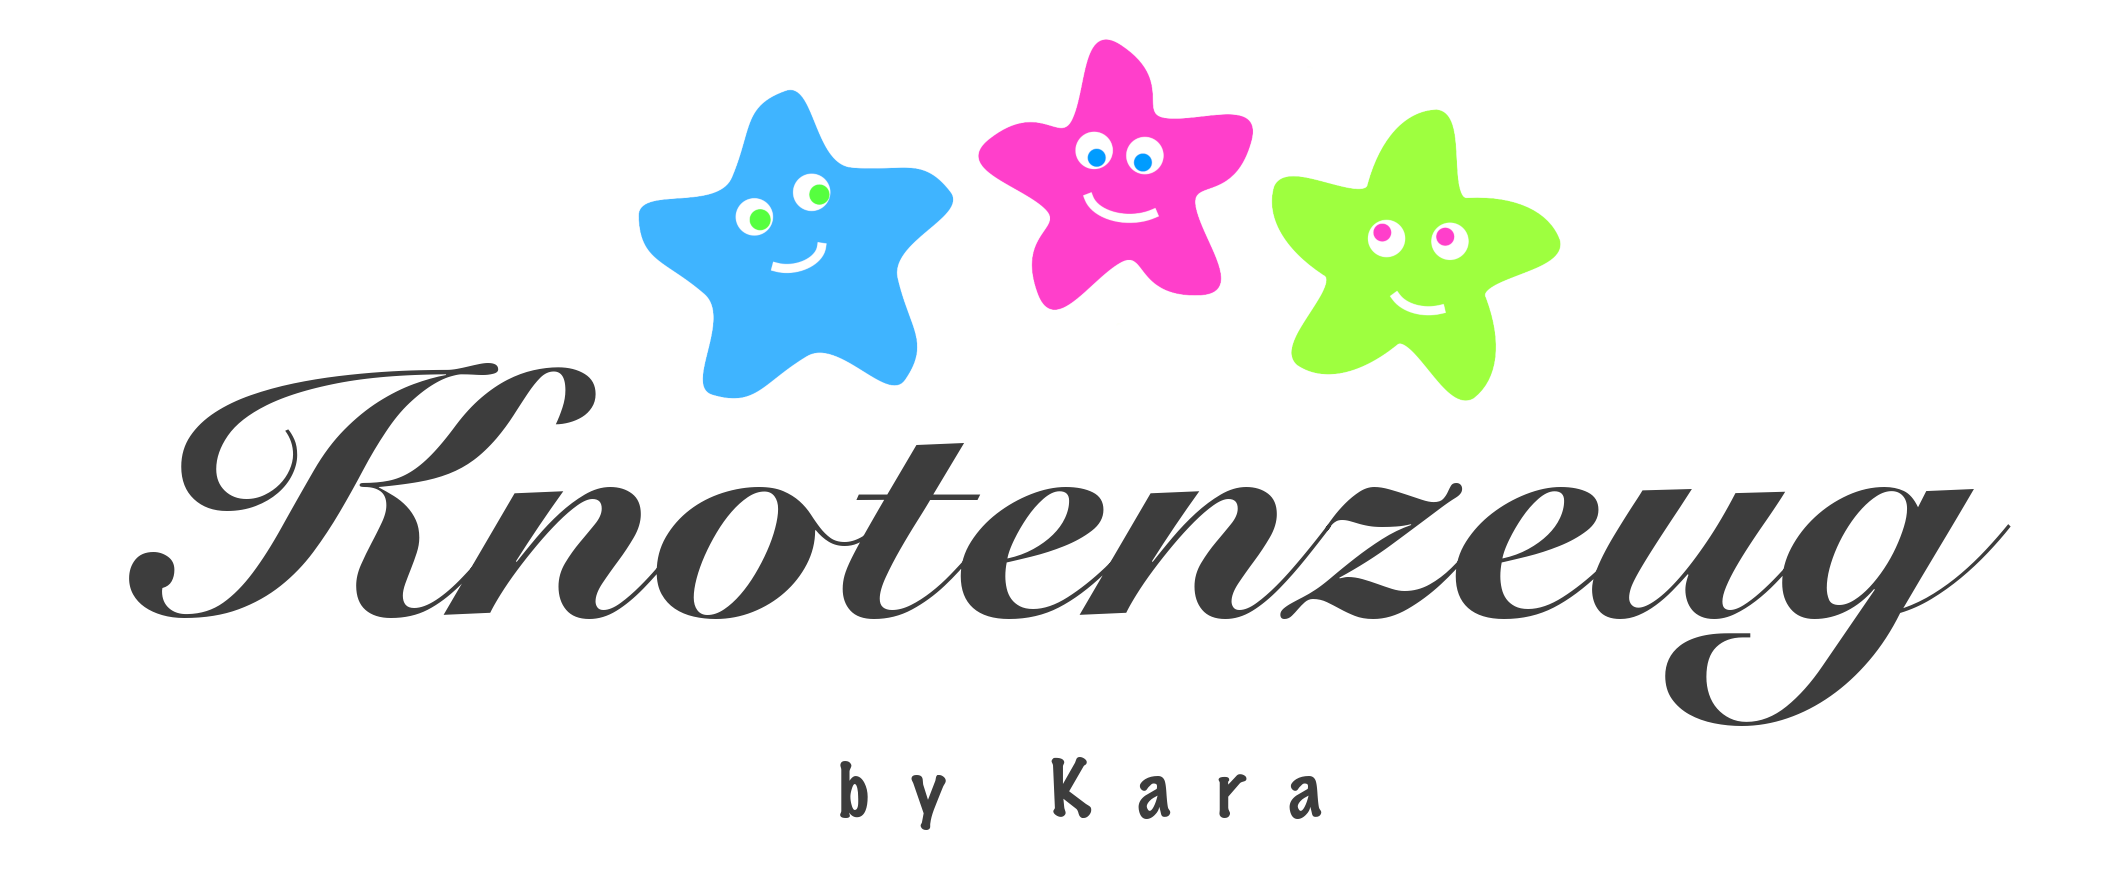 Knotenzeug by KaRa